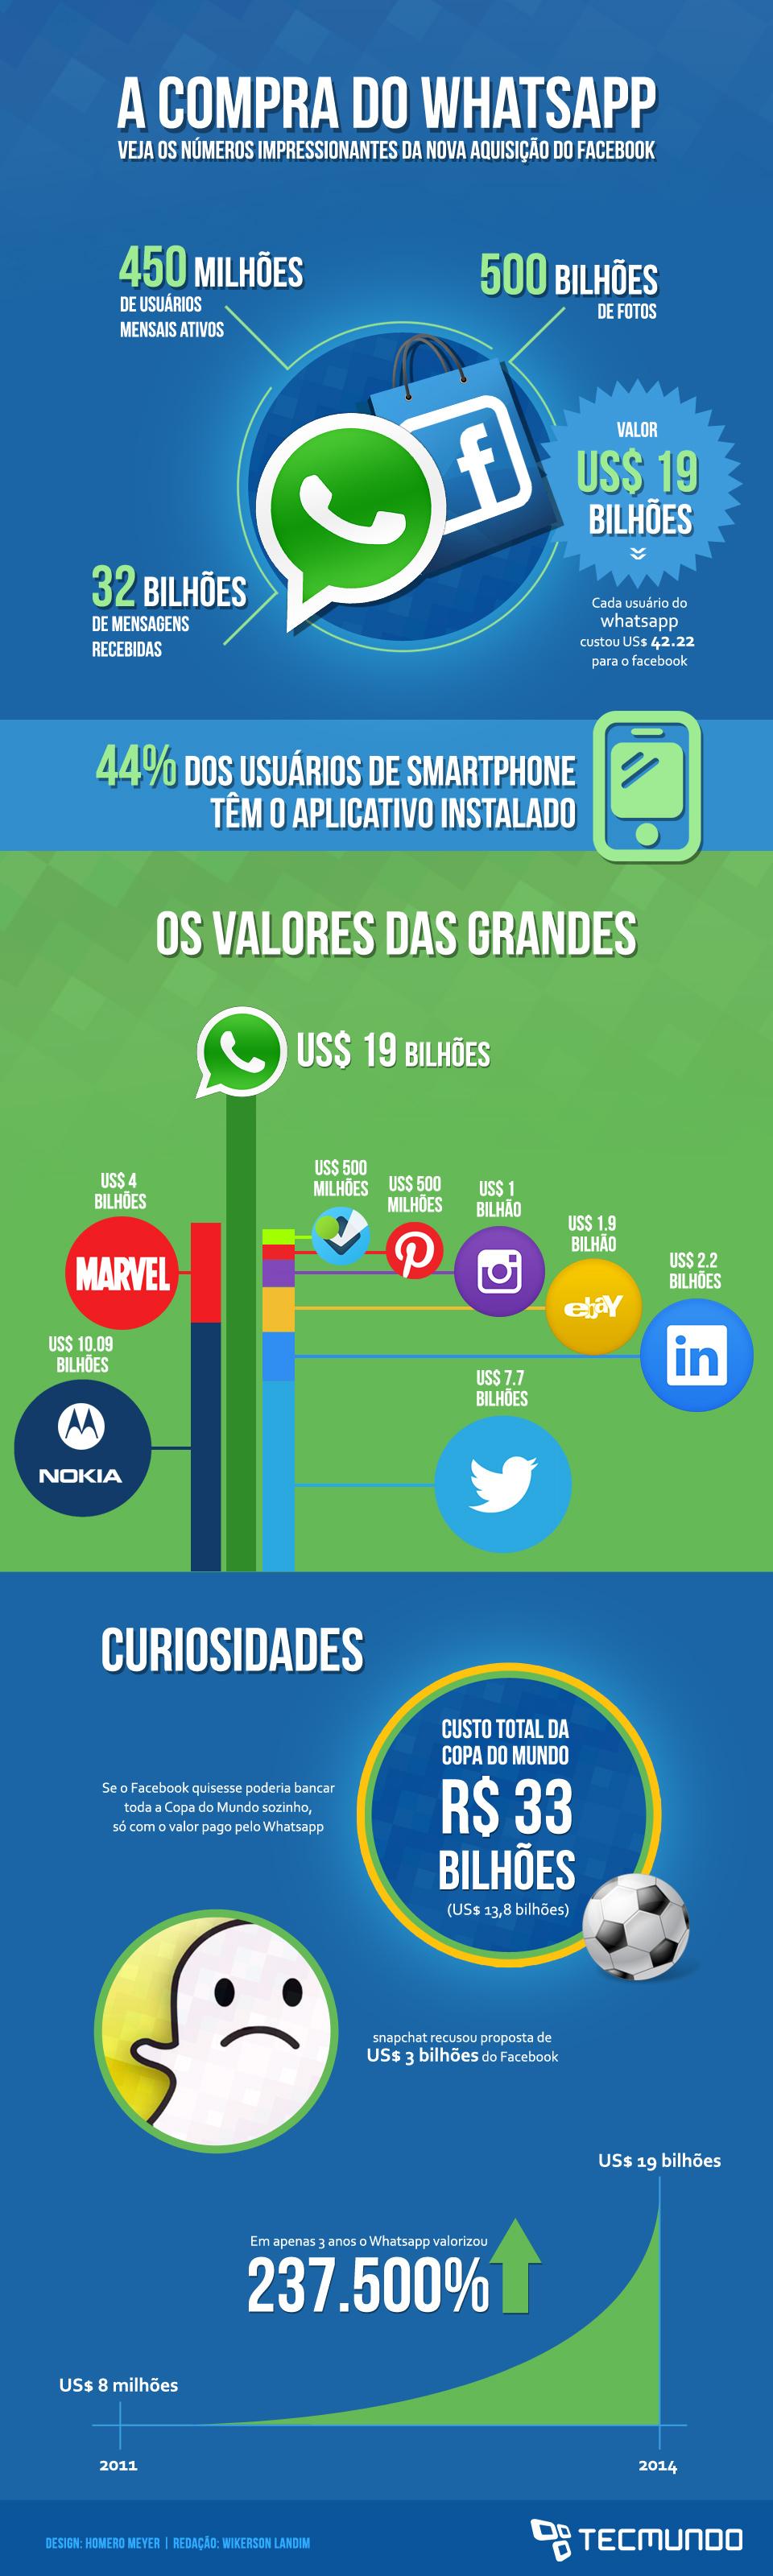 Tudo sobre a compra do WhatsApp pelo Facebook [infográfico]